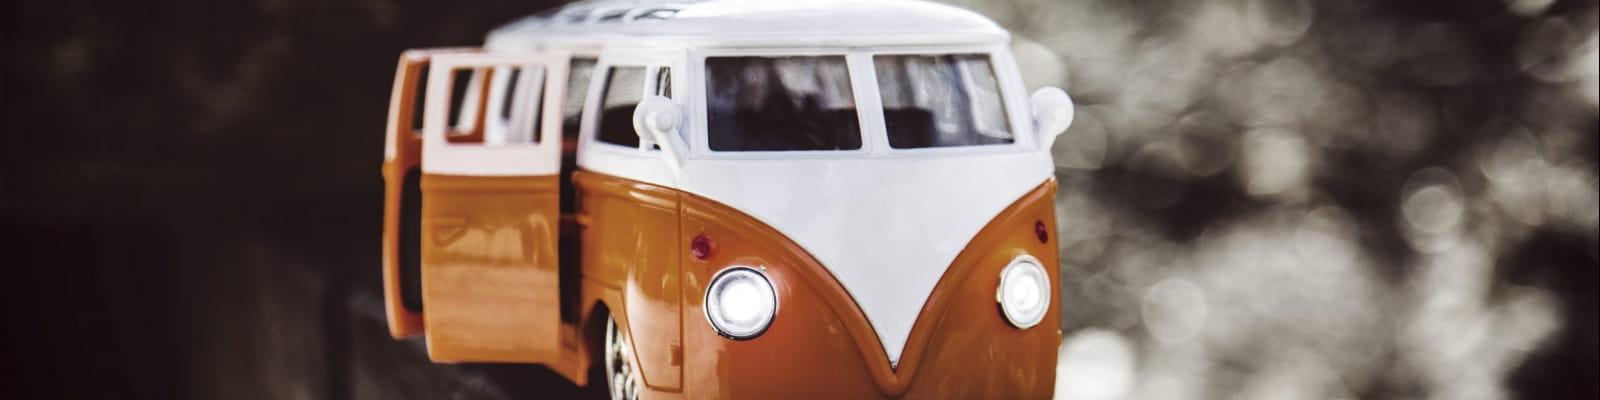 jouet combi van